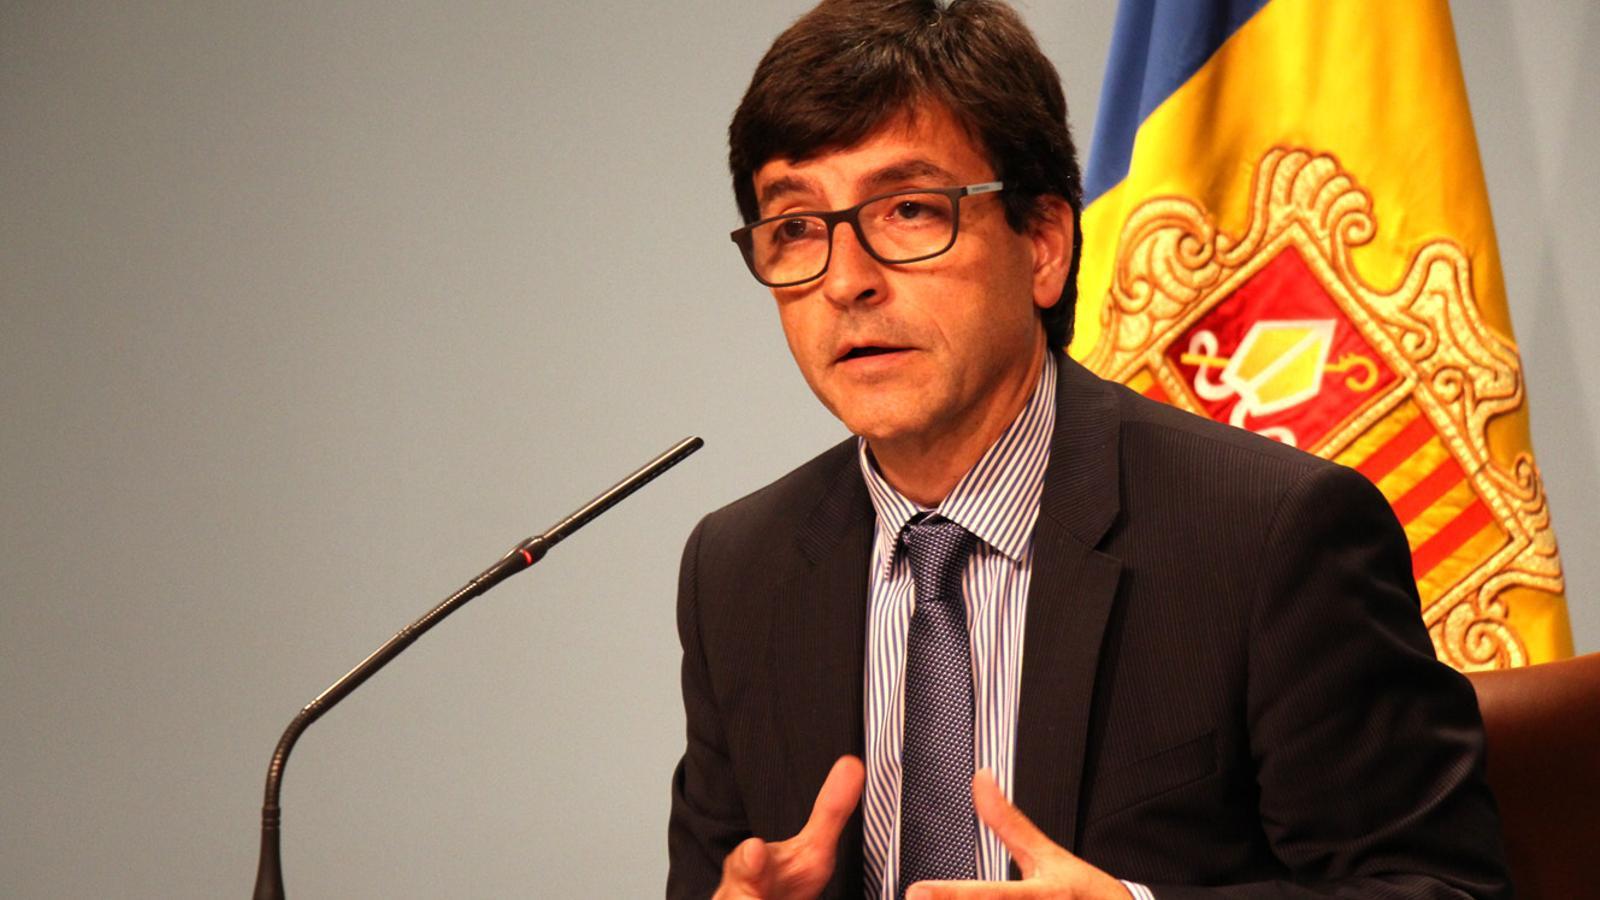 El ministre portaveu, Jordi Cinca, en la roda de premsa posterior al Consell de Ministres